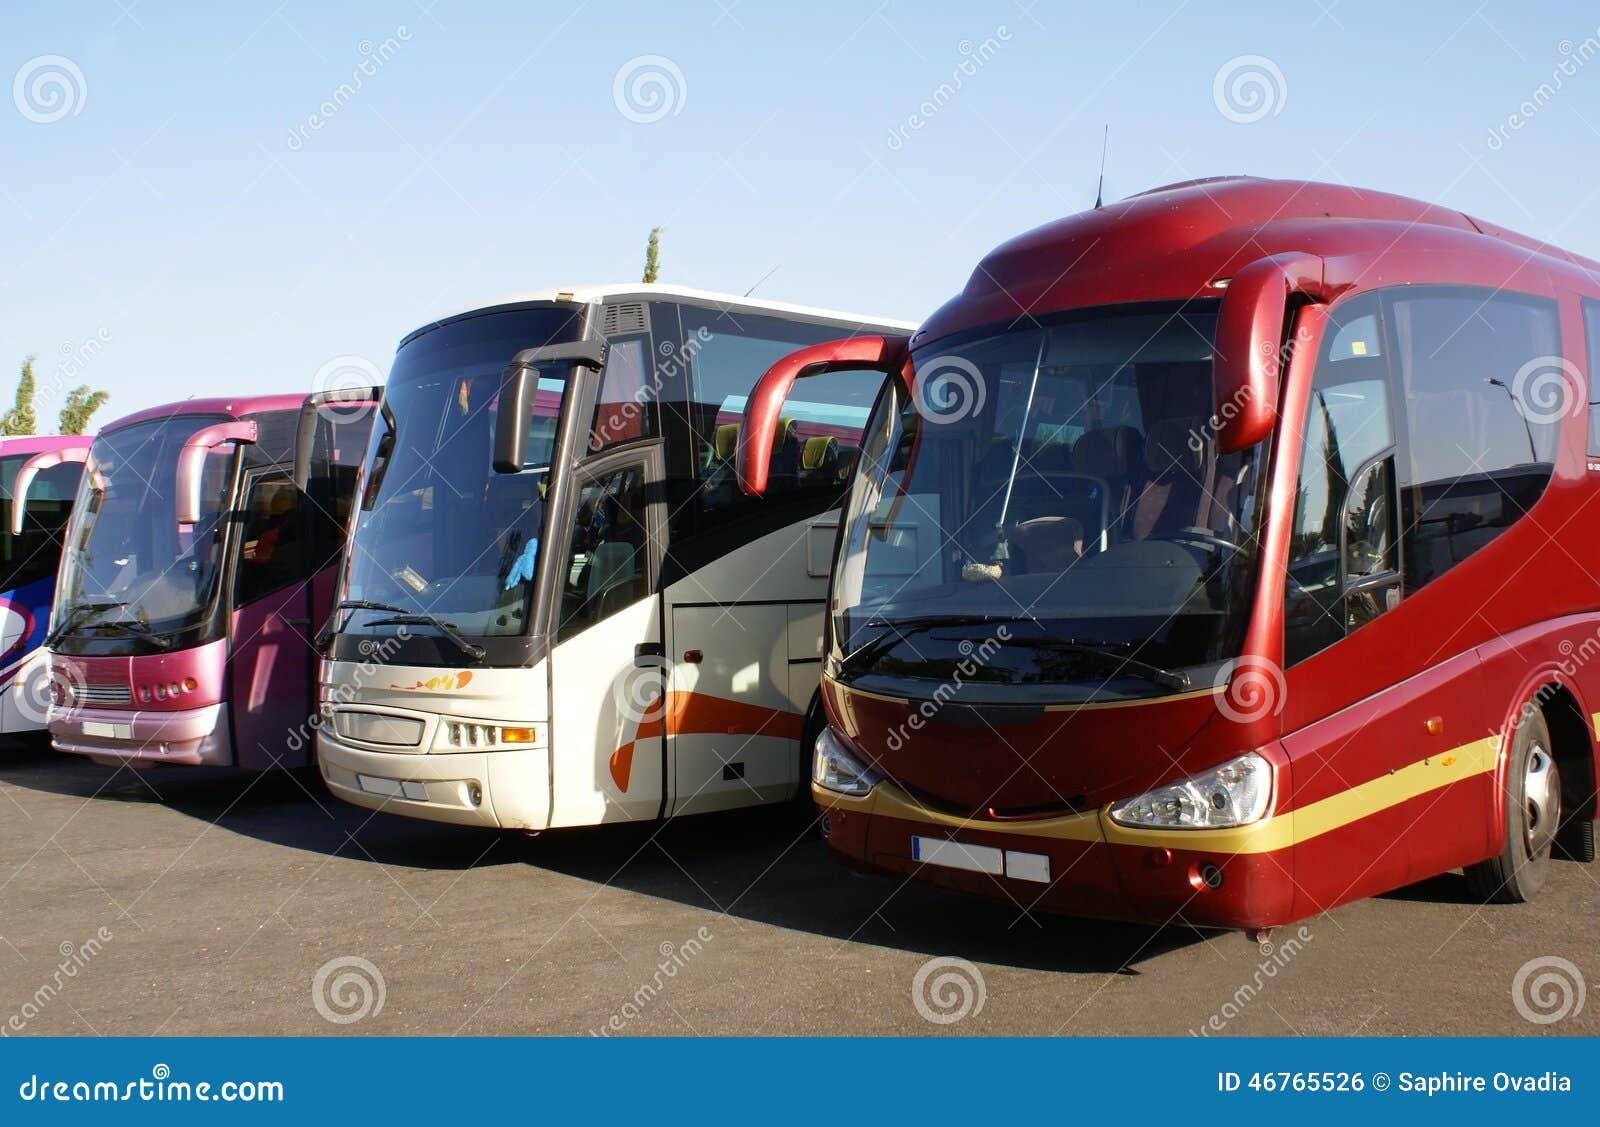 Bussen of bussen die in een parkeerterrein worden geparkeerd